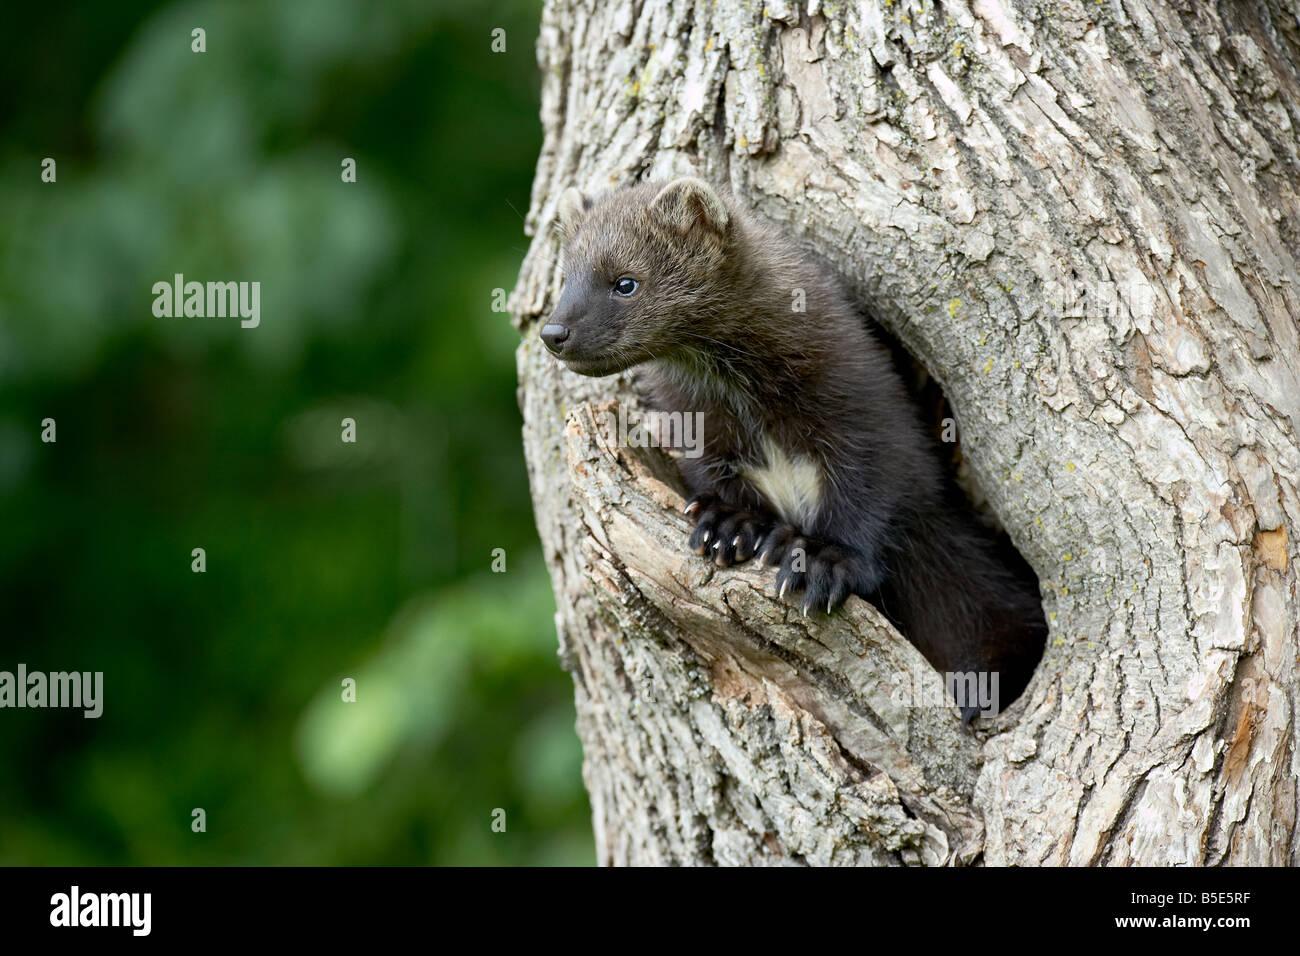 Bébé en captivité le pékan (Martes pennanti) dans un arbre, Grès, Minnesota, USA, Amérique Photo Stock